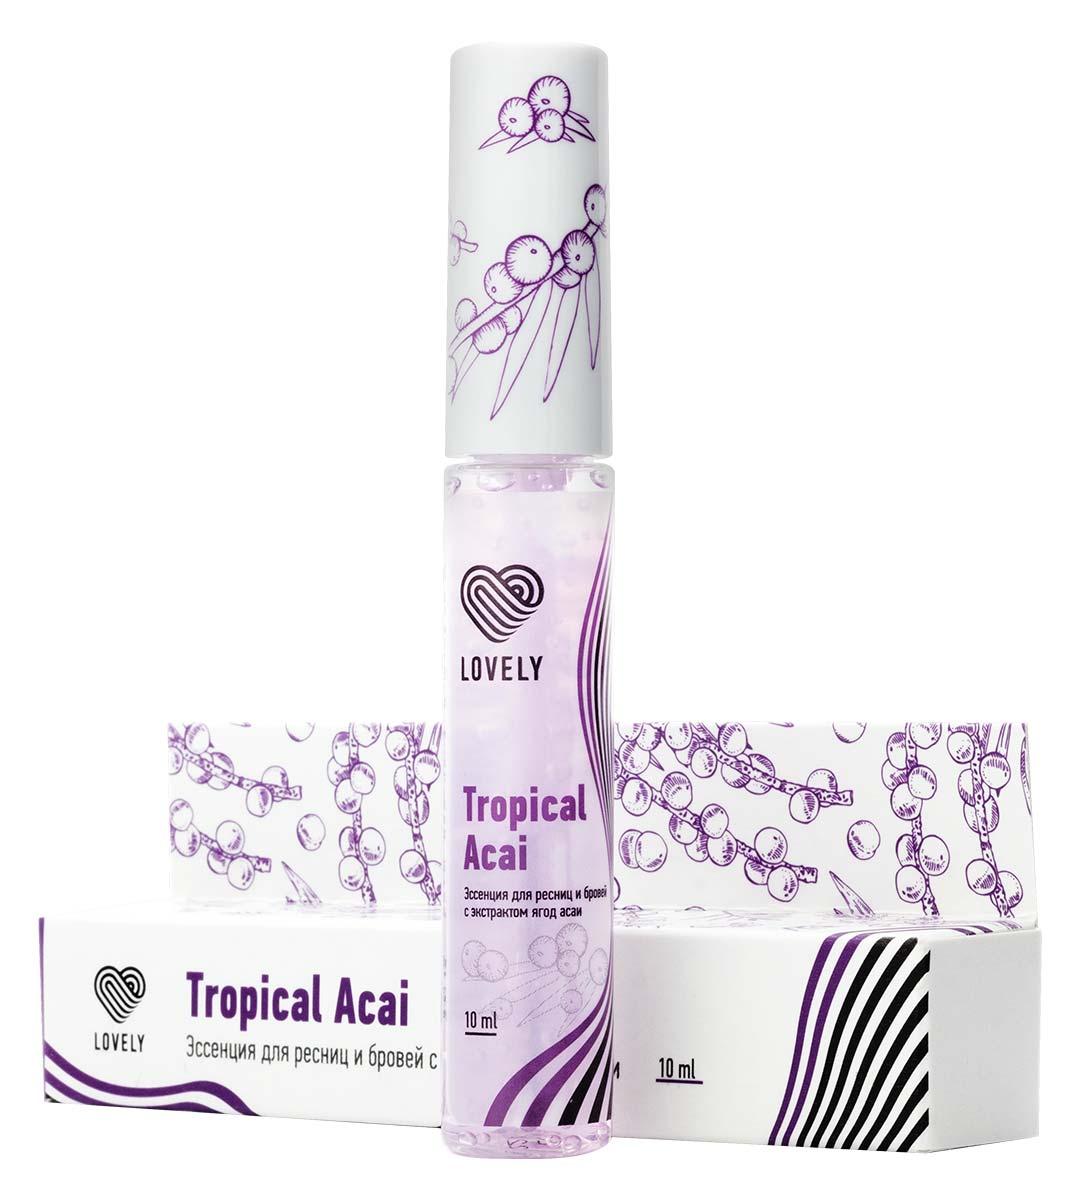 Эссенция для ресниц и бровей Acai Tropical 10 мл - изображение